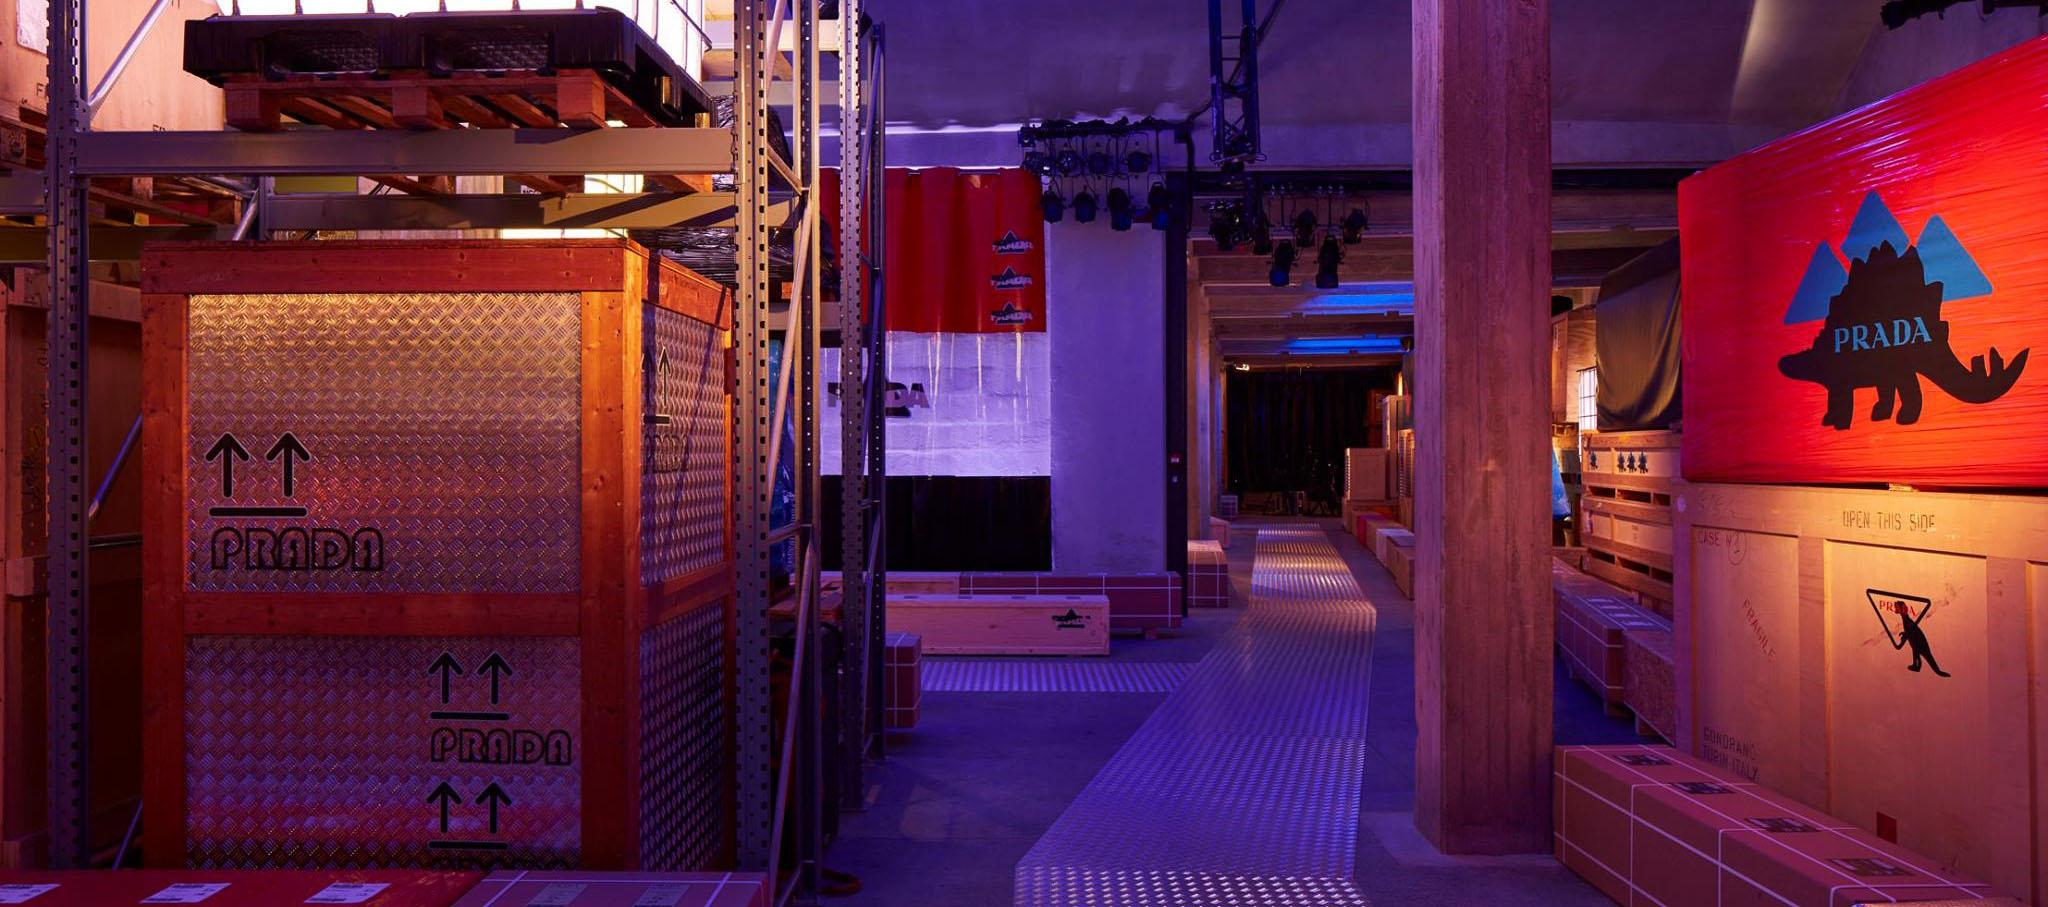 Pasarela de moda Hombre FW18. Prada Warehouse por AMO. Imagen cortesía de PRADA